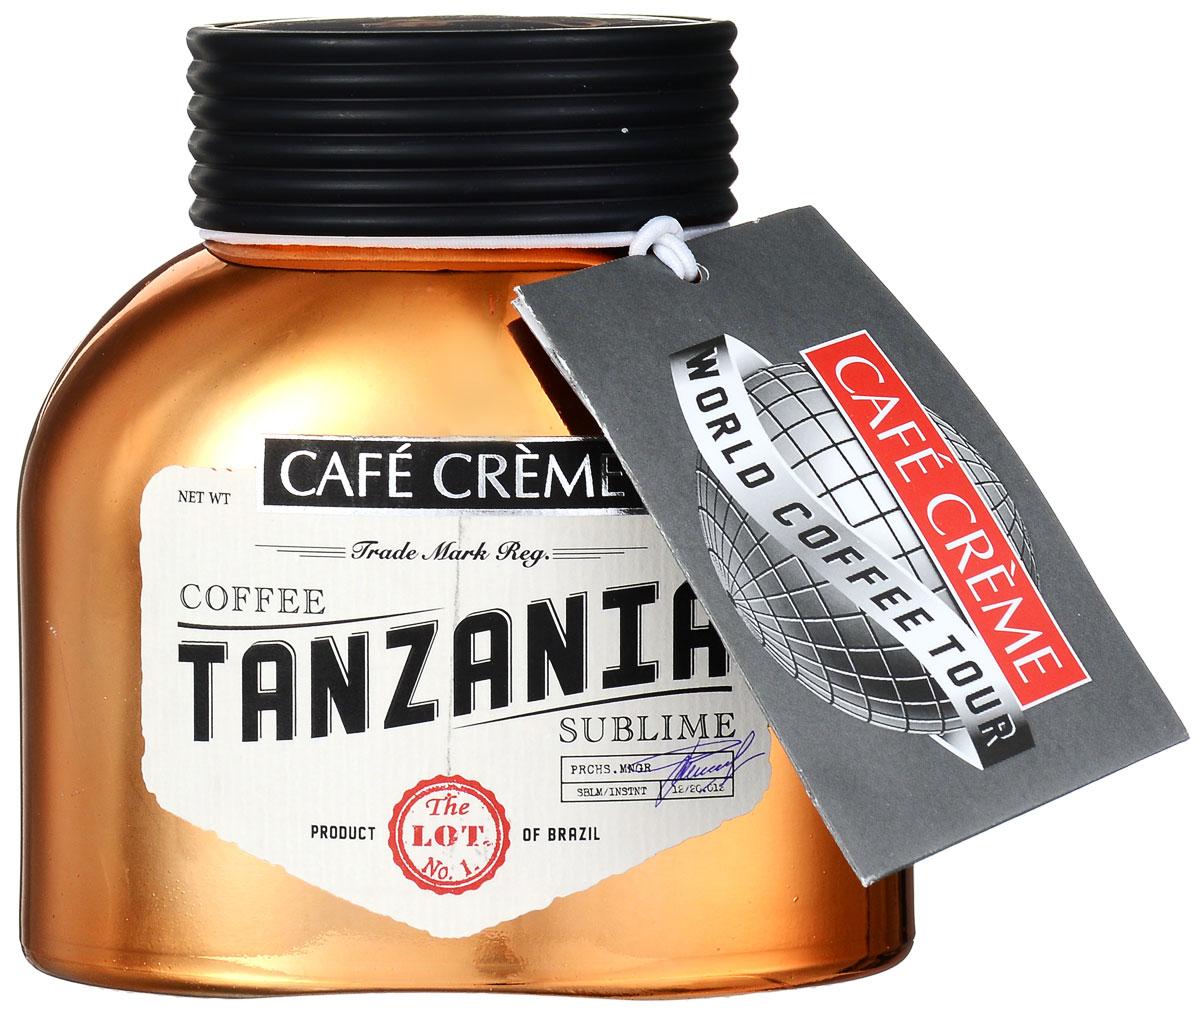 Cafe Creme Tanzania кофе растворимый, 100 г4607141337017Cafe Creme Tanzania – изысканный напиток, созданный из ценнейших сортов бразильской арабики. Этот натуральный растворимый сублимированный кофе из элитных сортов танзанийской арабики, которые выращиваются и собираются на склонах вулкана Килиманджаро. Напиток обладает полным, глубоким вкусом с пикантной кислинкой и легкой фруктовой нотой и крепким ароматом.Кофе: мифы и факты. Статья OZON Гид